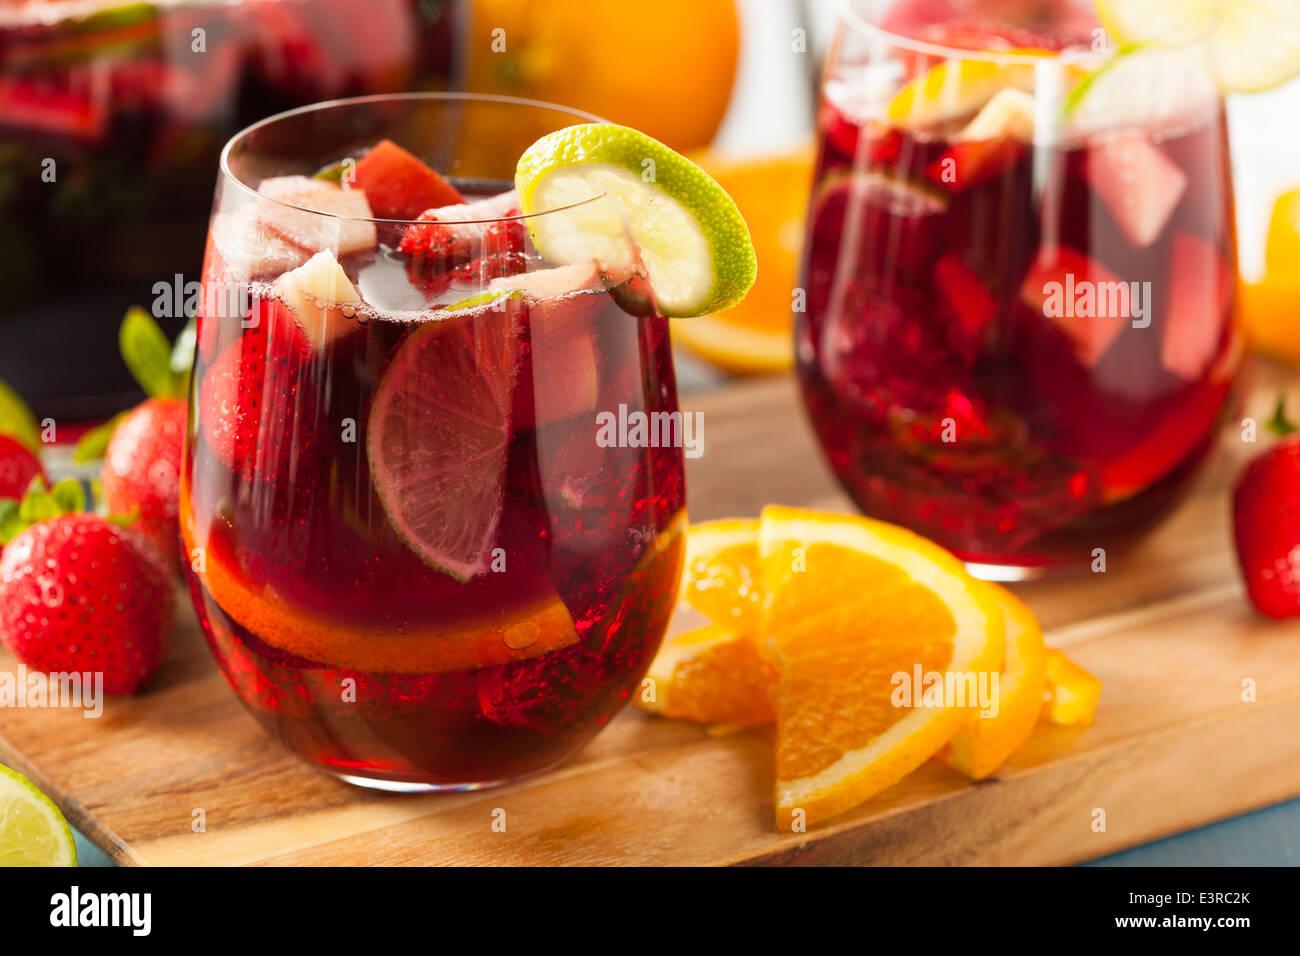 Hausgemachte leckere rote Sangria mit Limetten Orangen und Äpfel Stockbild